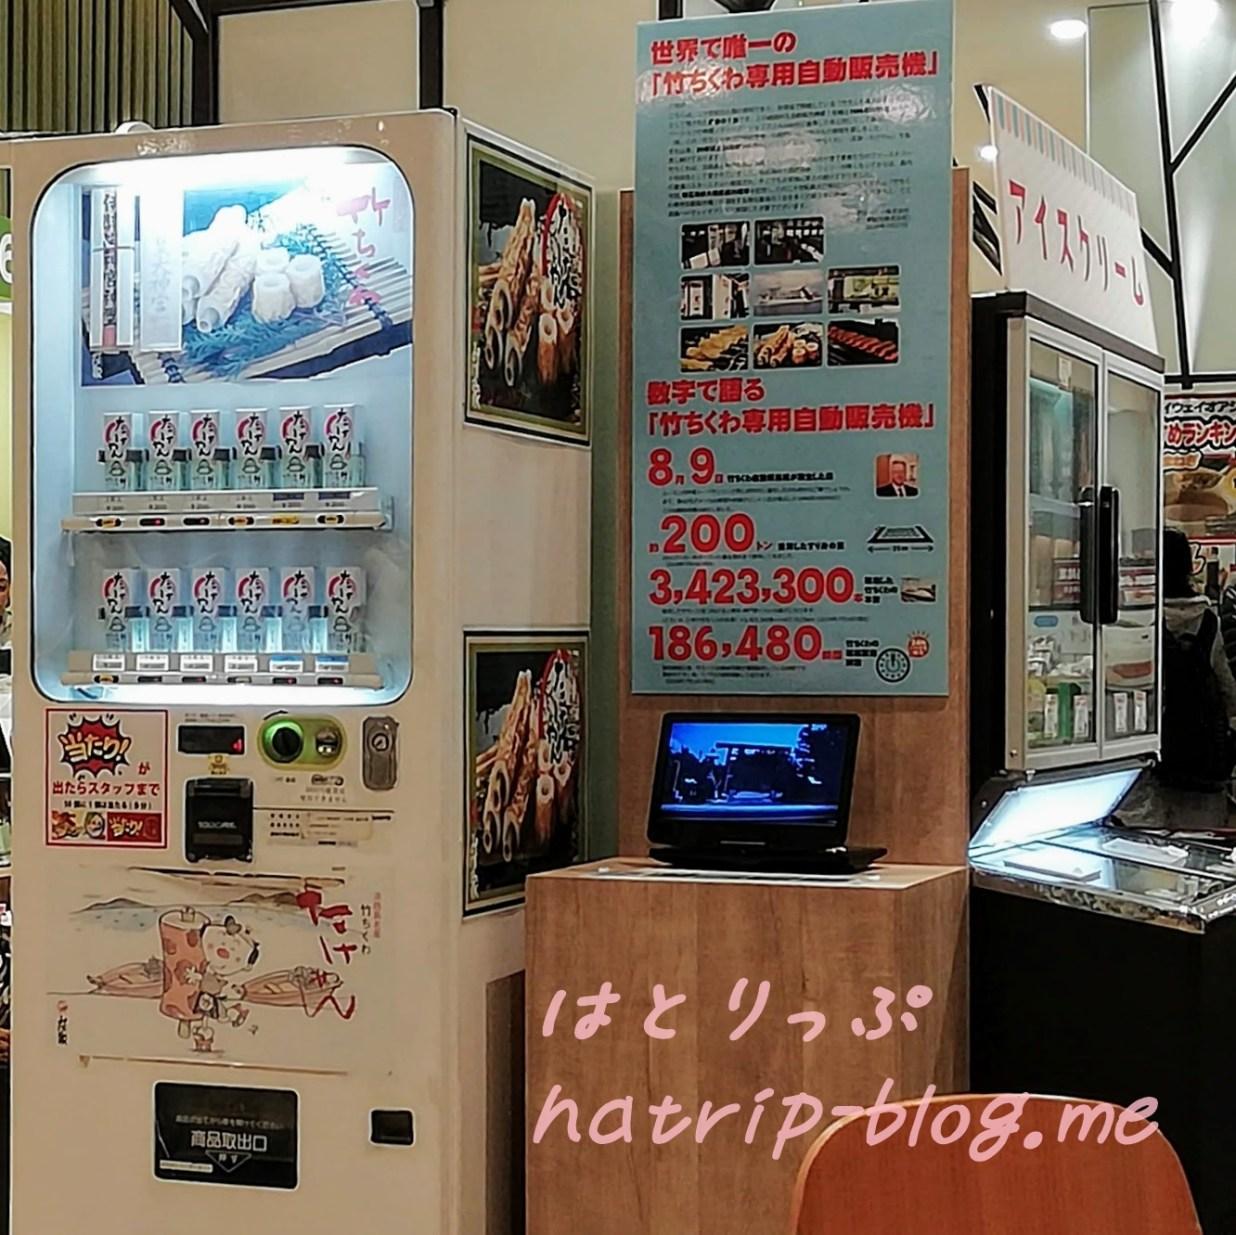 淡路島 淡路ハイウェイオアシス 竹ちくわ専用自動販売機